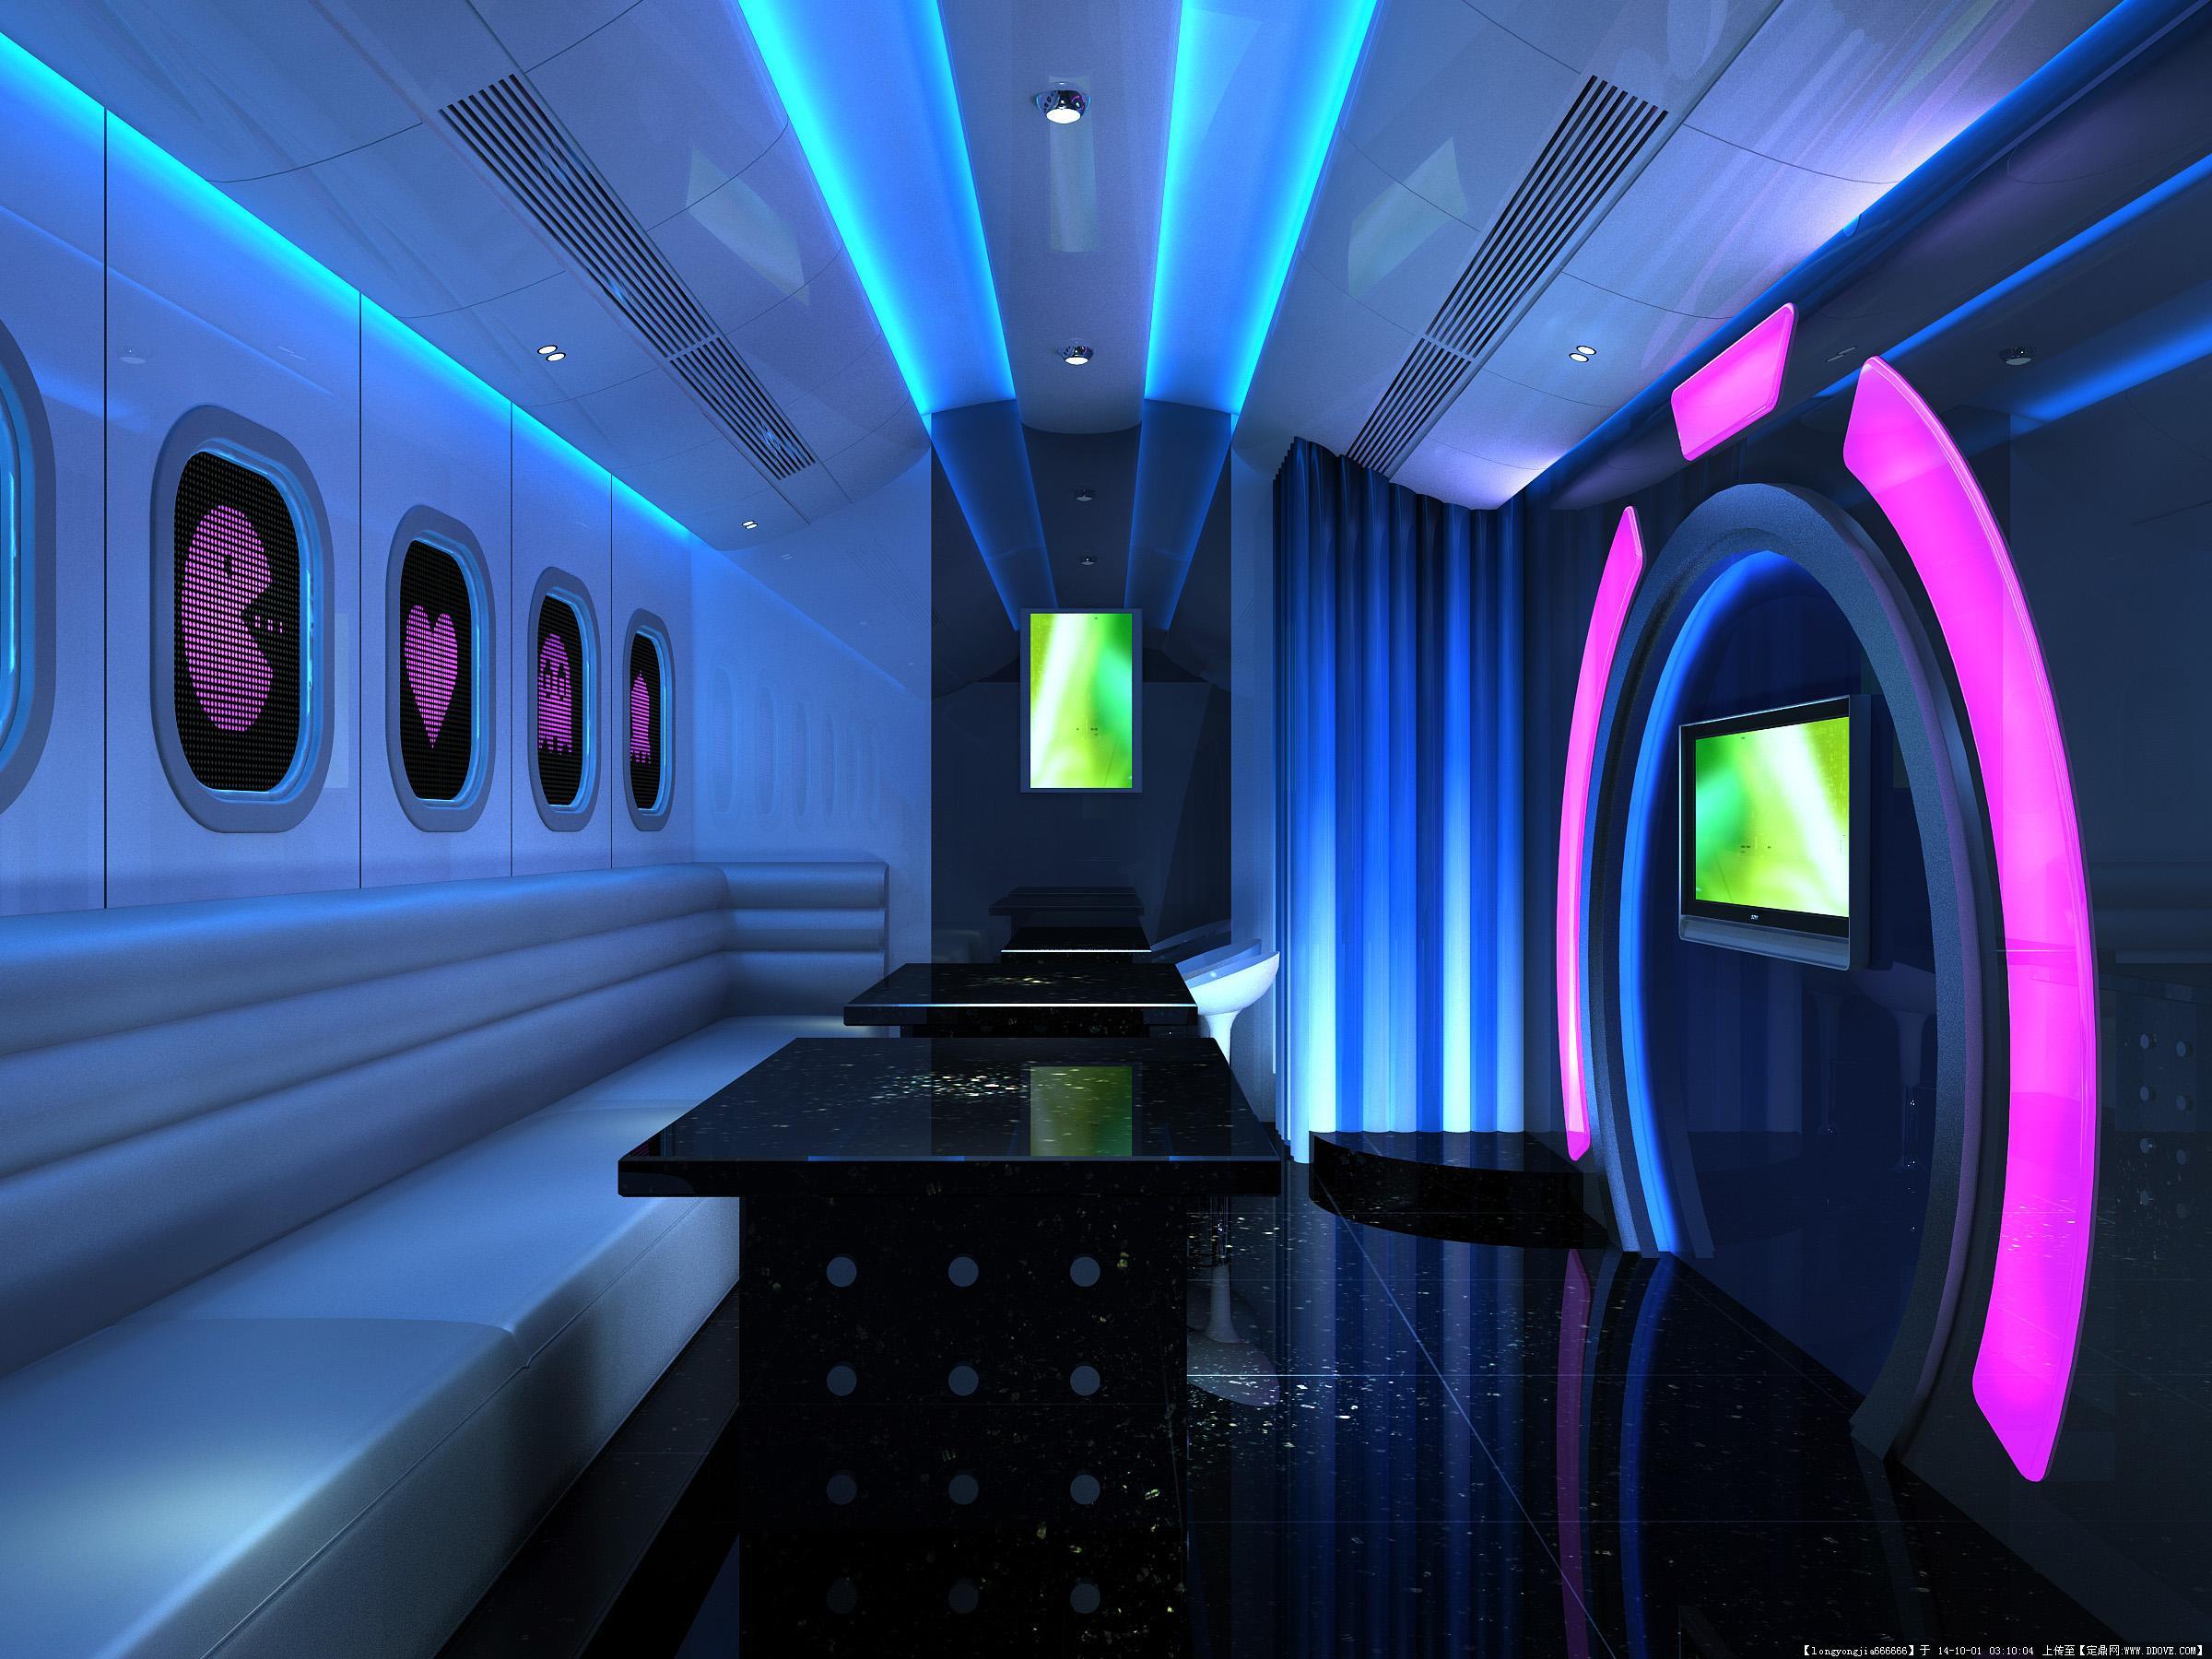 ktv 酒吧室内装饰设计方案效果图 007